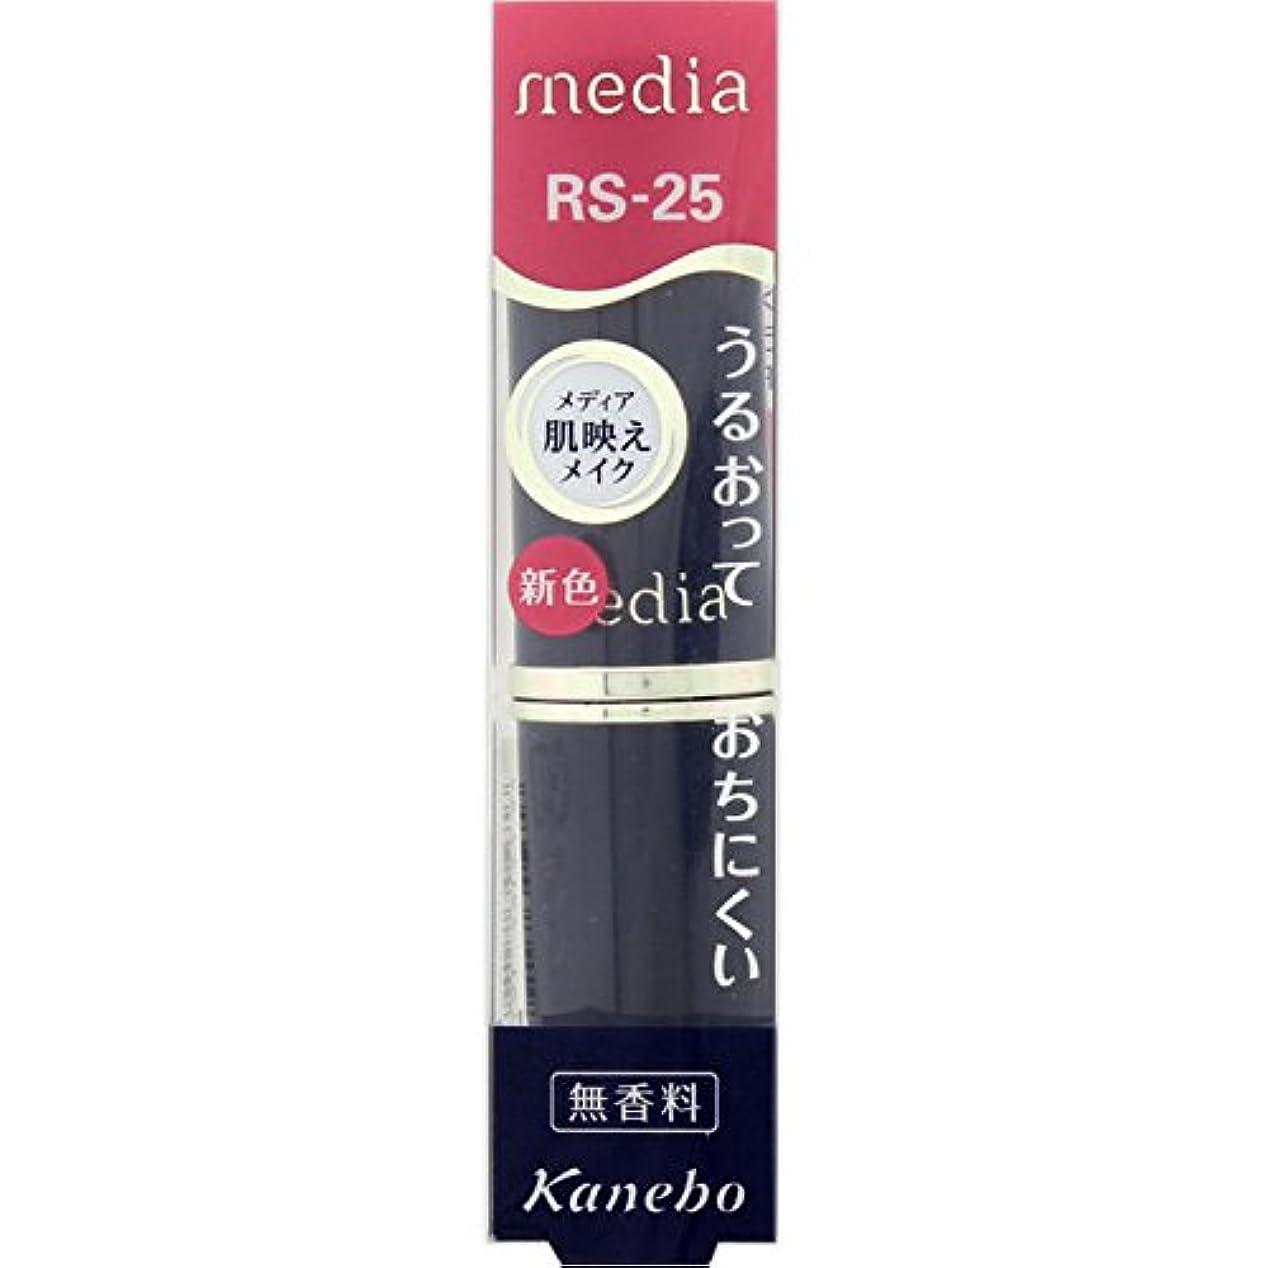 消費者改革欠乏カネボウ メディア クリーミィラスティングリップA RS-25